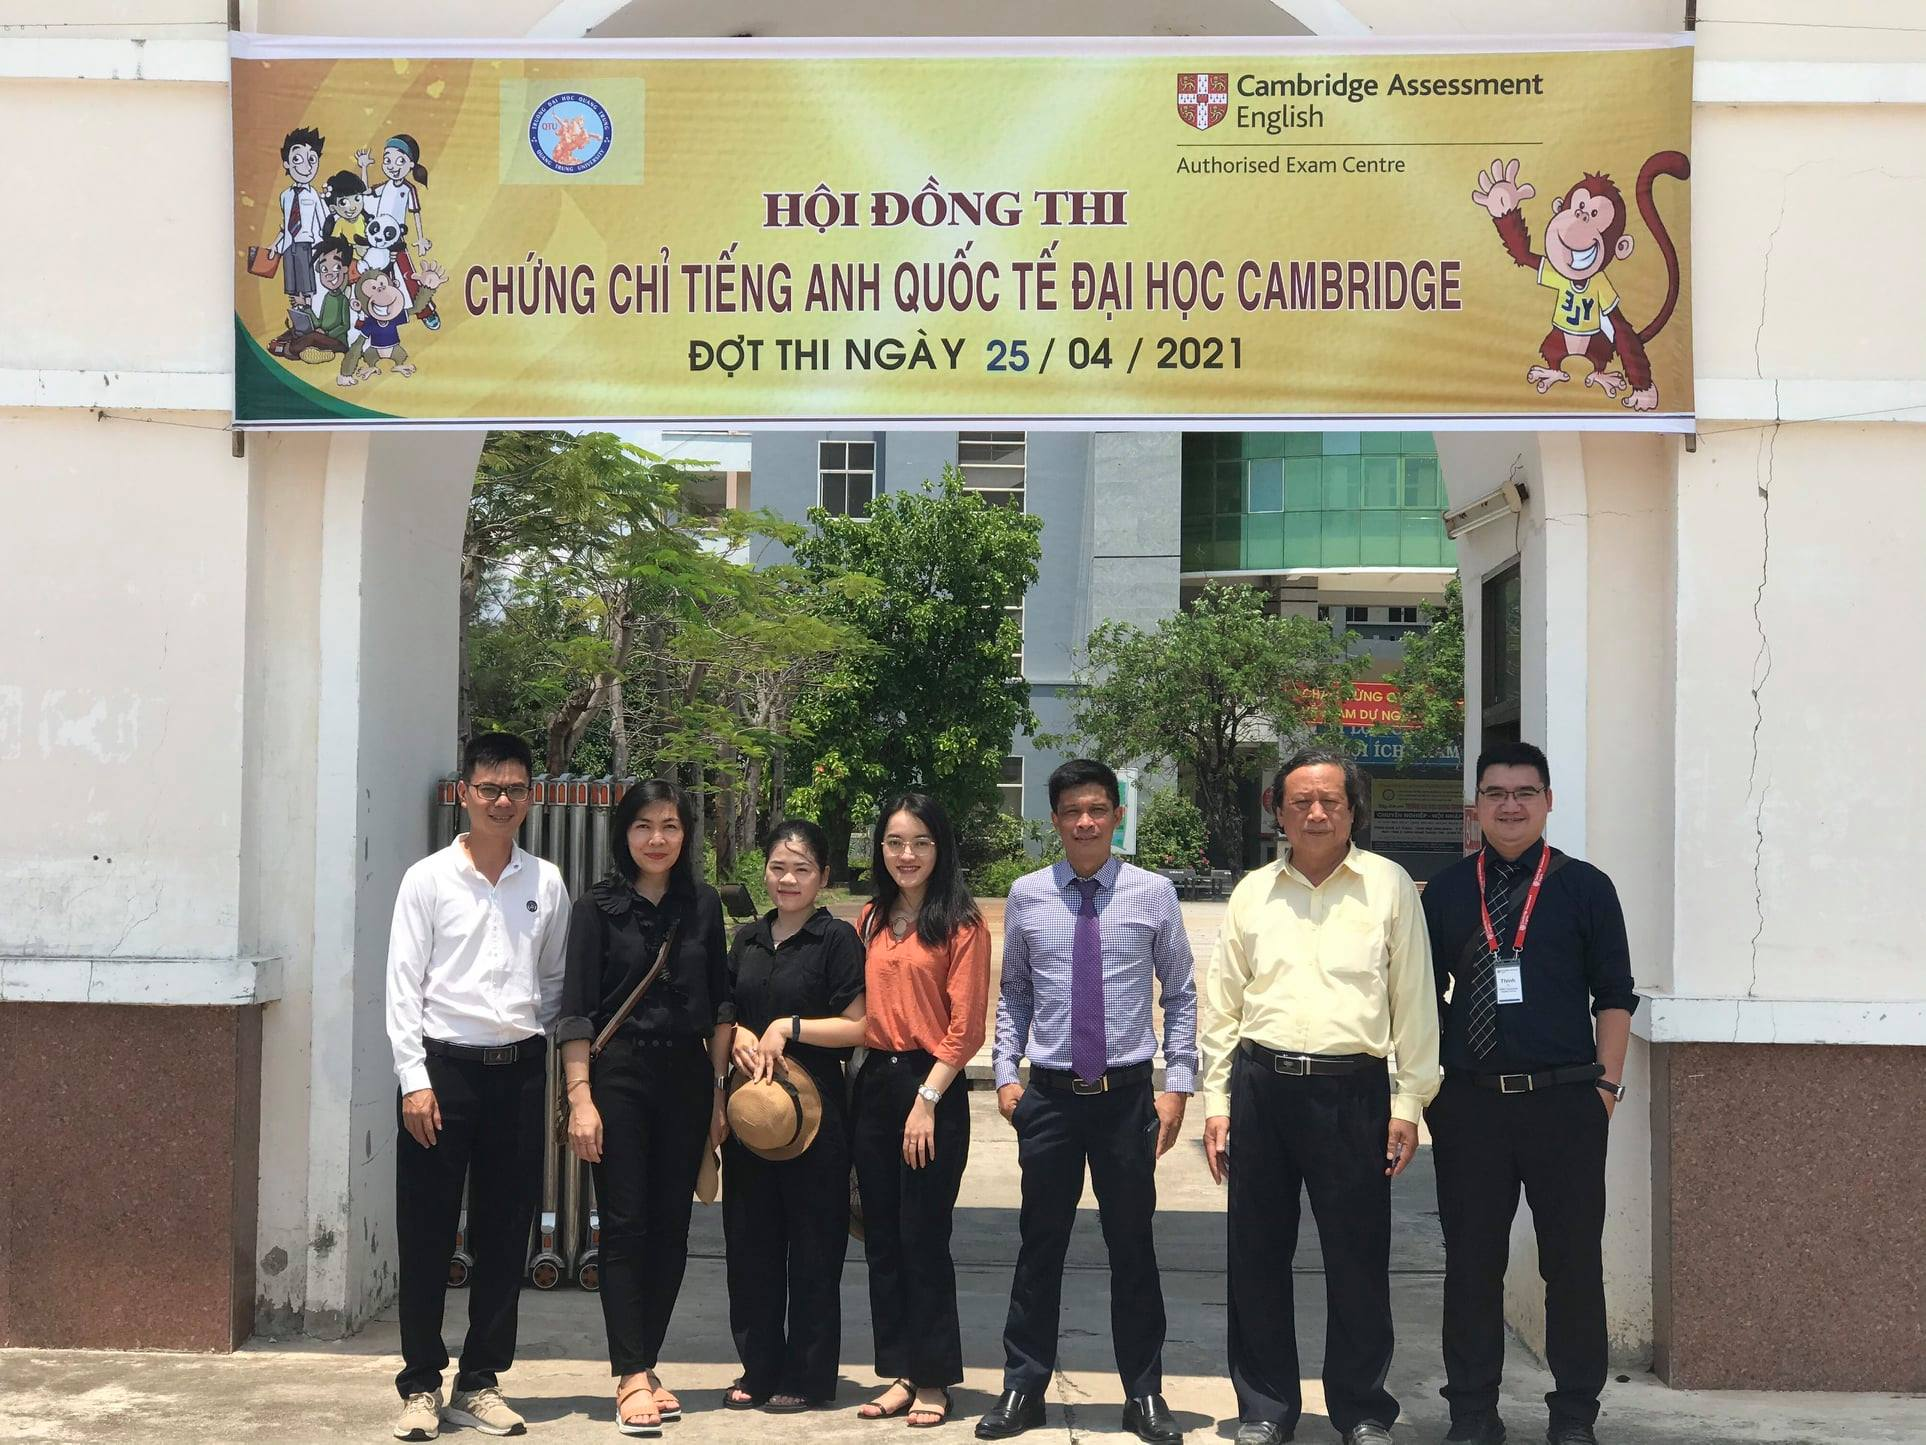 Trường ĐH Quang Trung: Địa điểm đăng ký và khảo thí kỳ thi Cambridge ở khu vực miền Trung